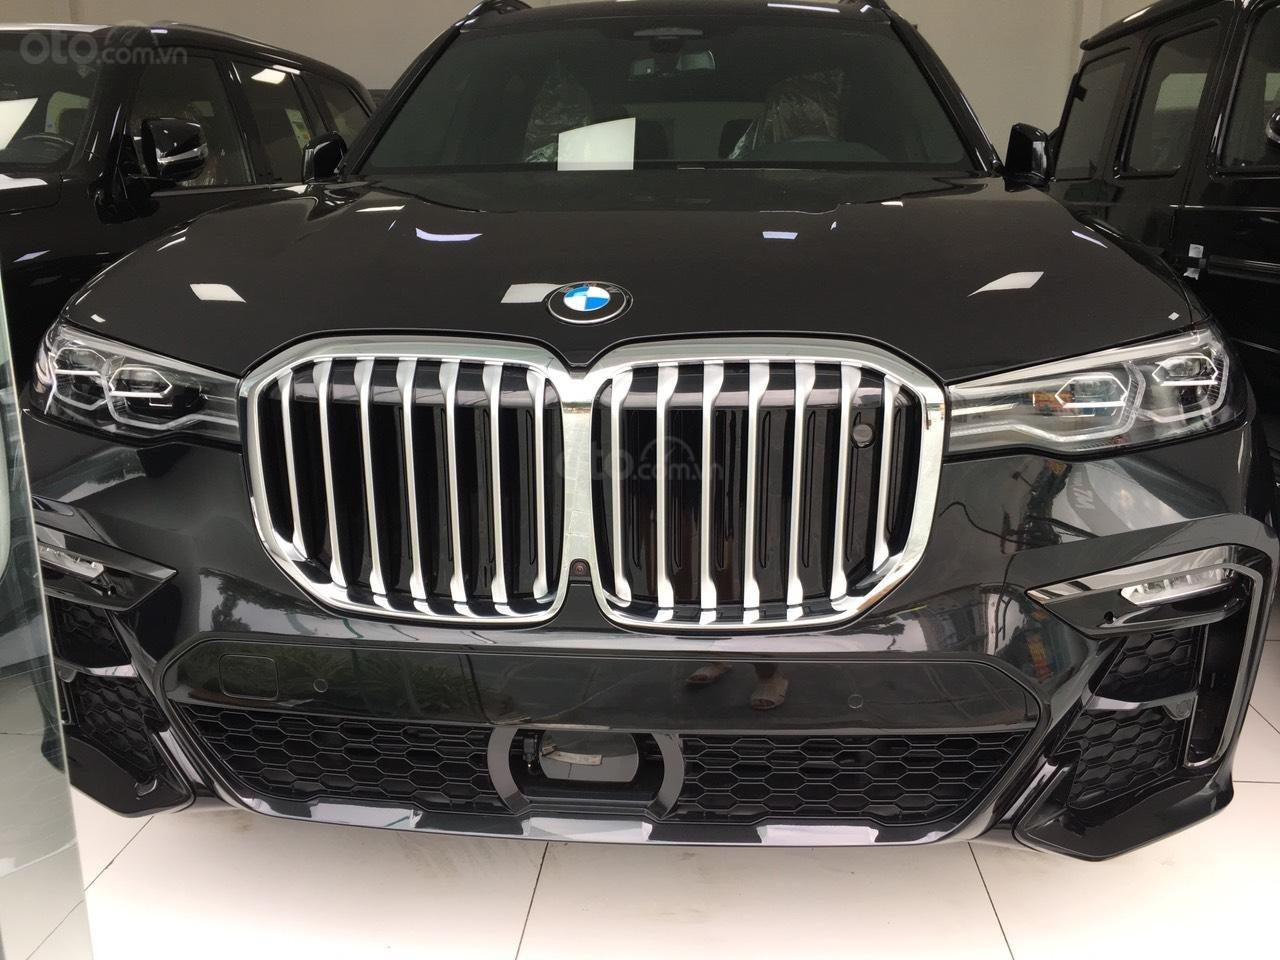 Bán xe BMW X7 xDrive 40i đời 2020, giá tốt, giao ngay toàn quốc - LH 093.996.2368 Ms. Ngọc Vy (1)